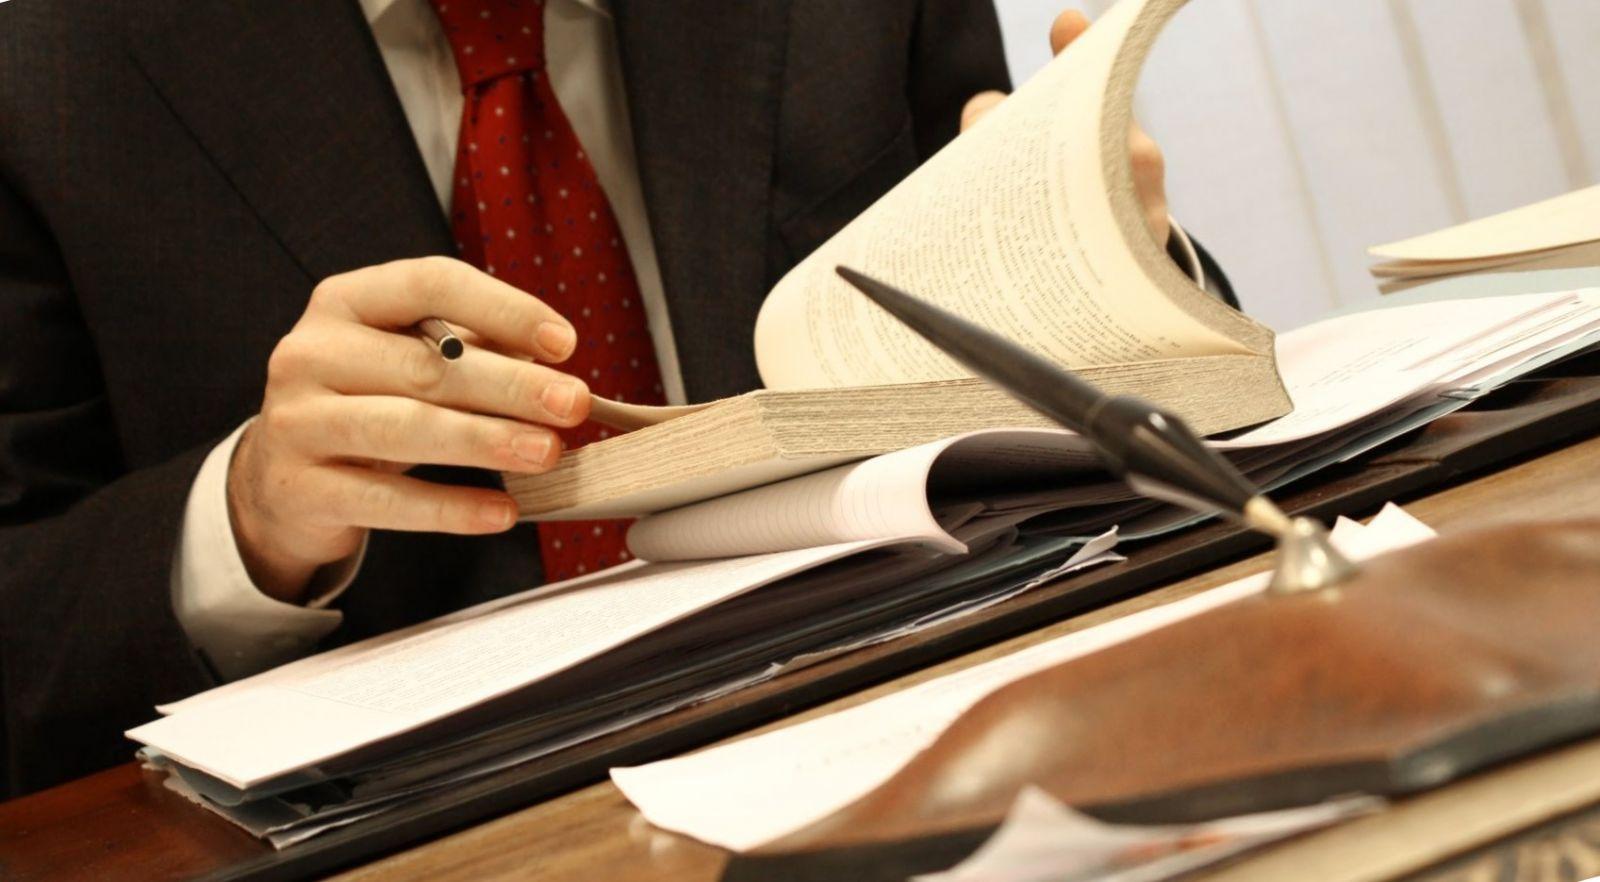 Службы занятости будут получать информацию о гражданах предпенсионного возраста от ПФР!